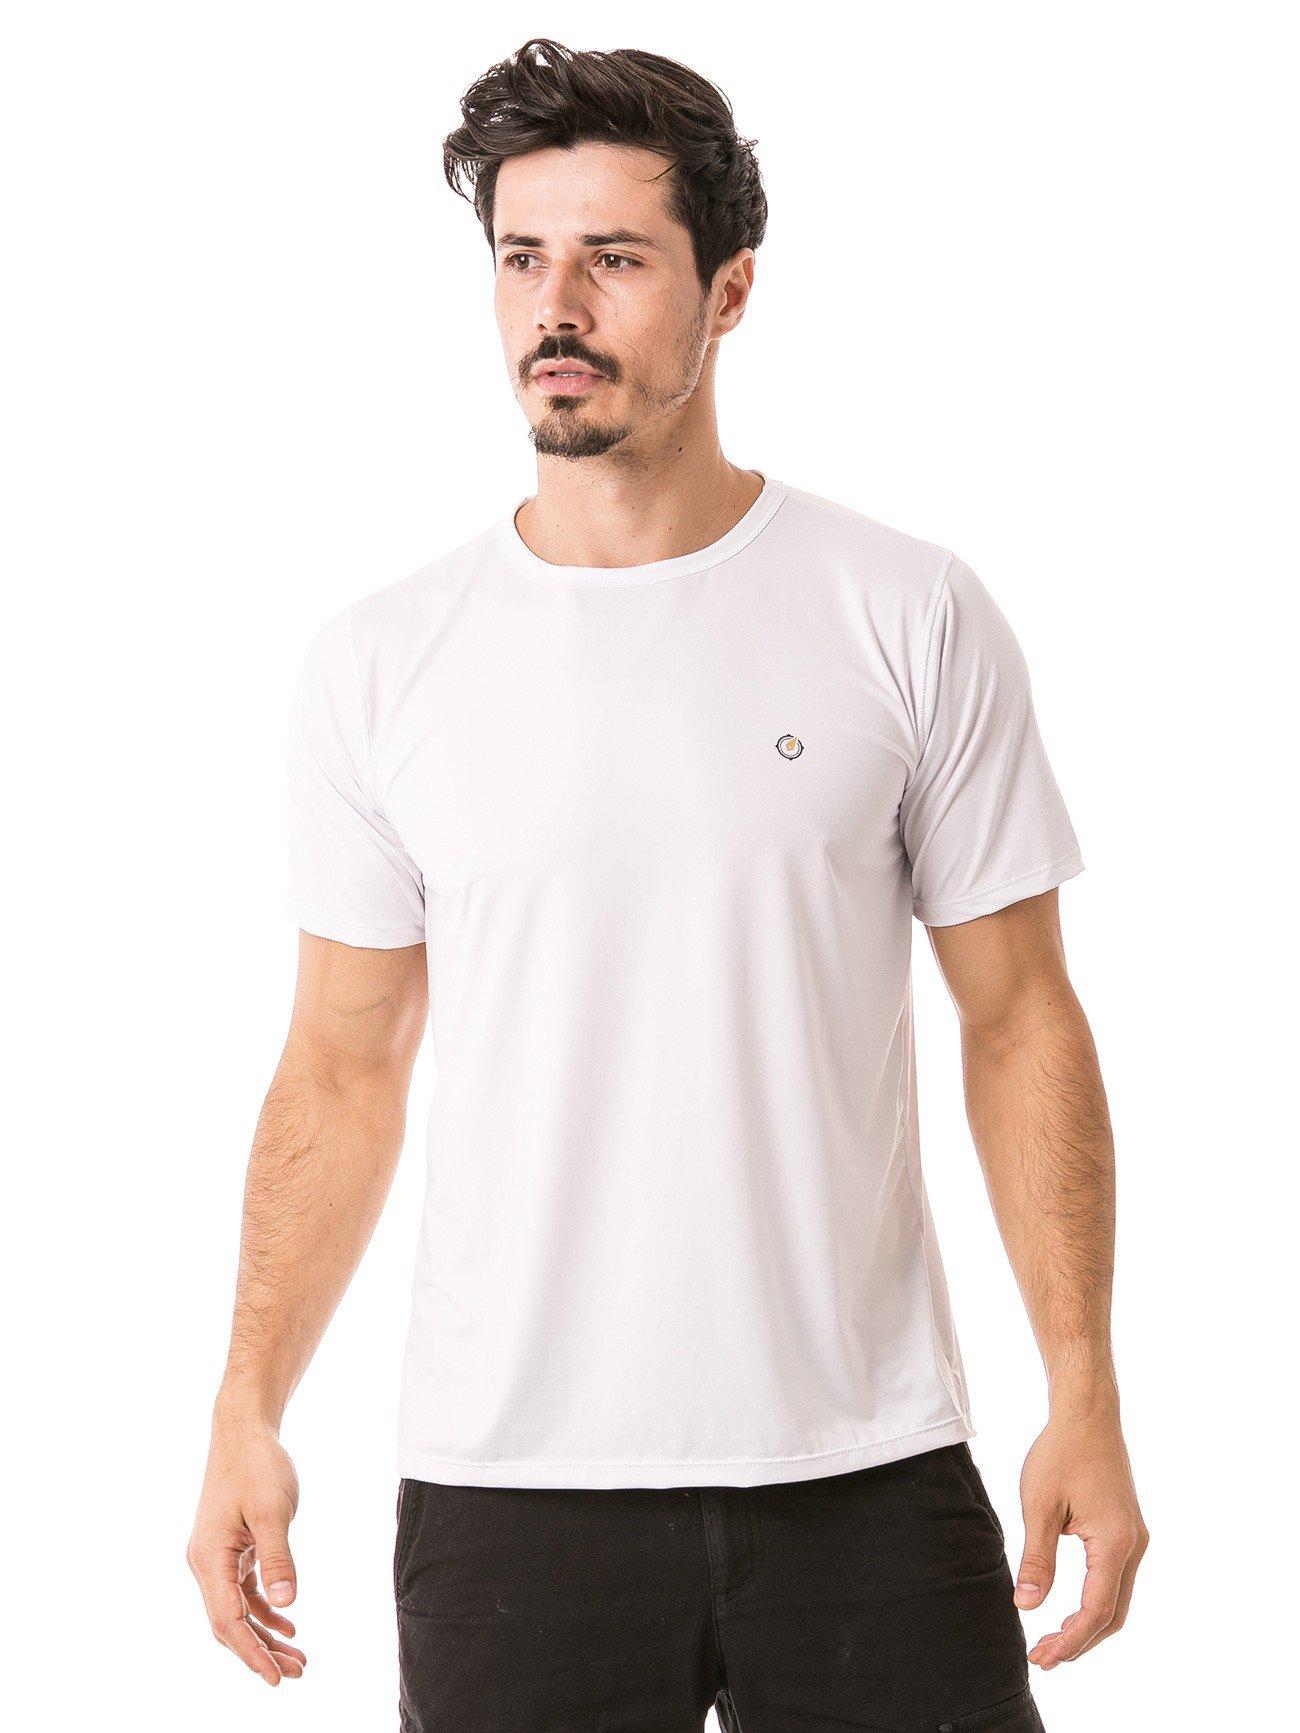 detalhe masculina manga curta de algodão extreme uv